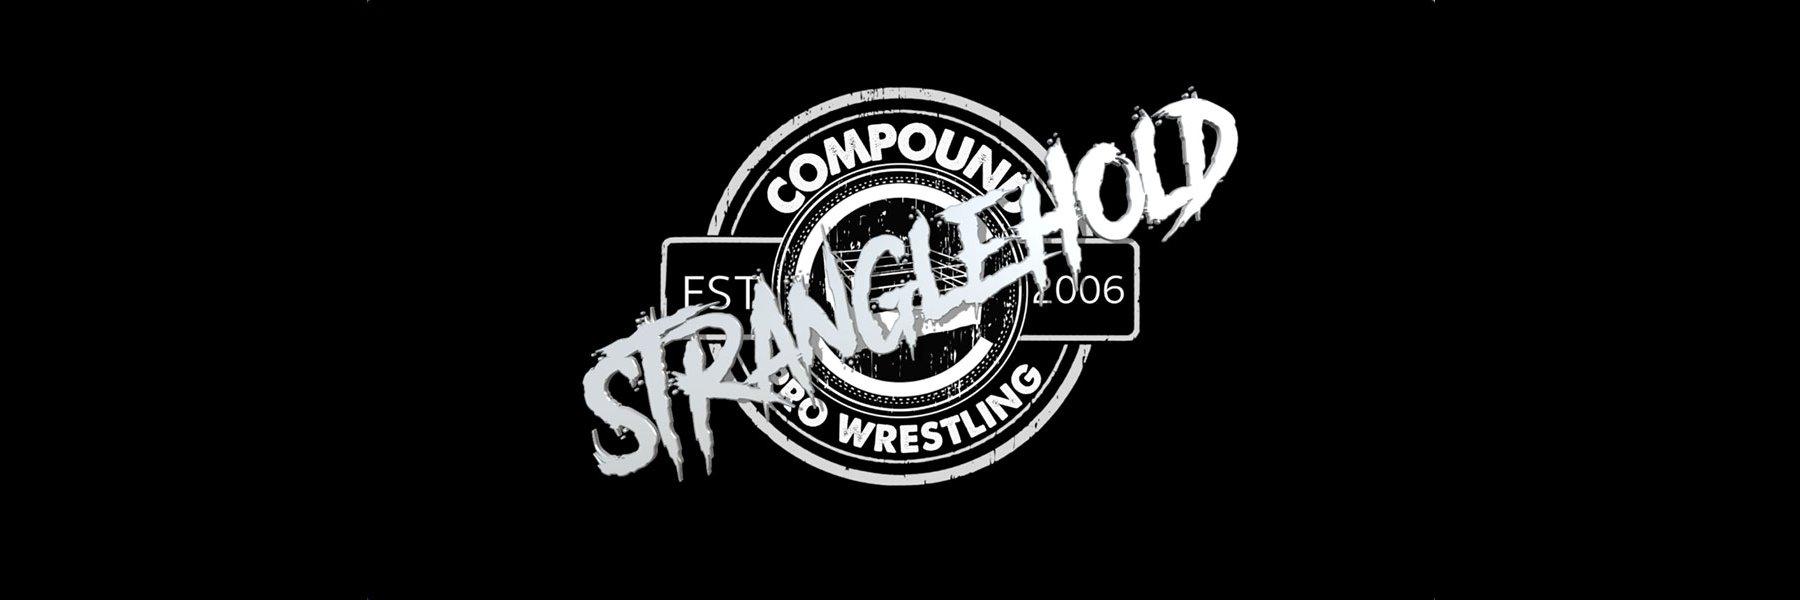 7/21/18:  Stranglehold